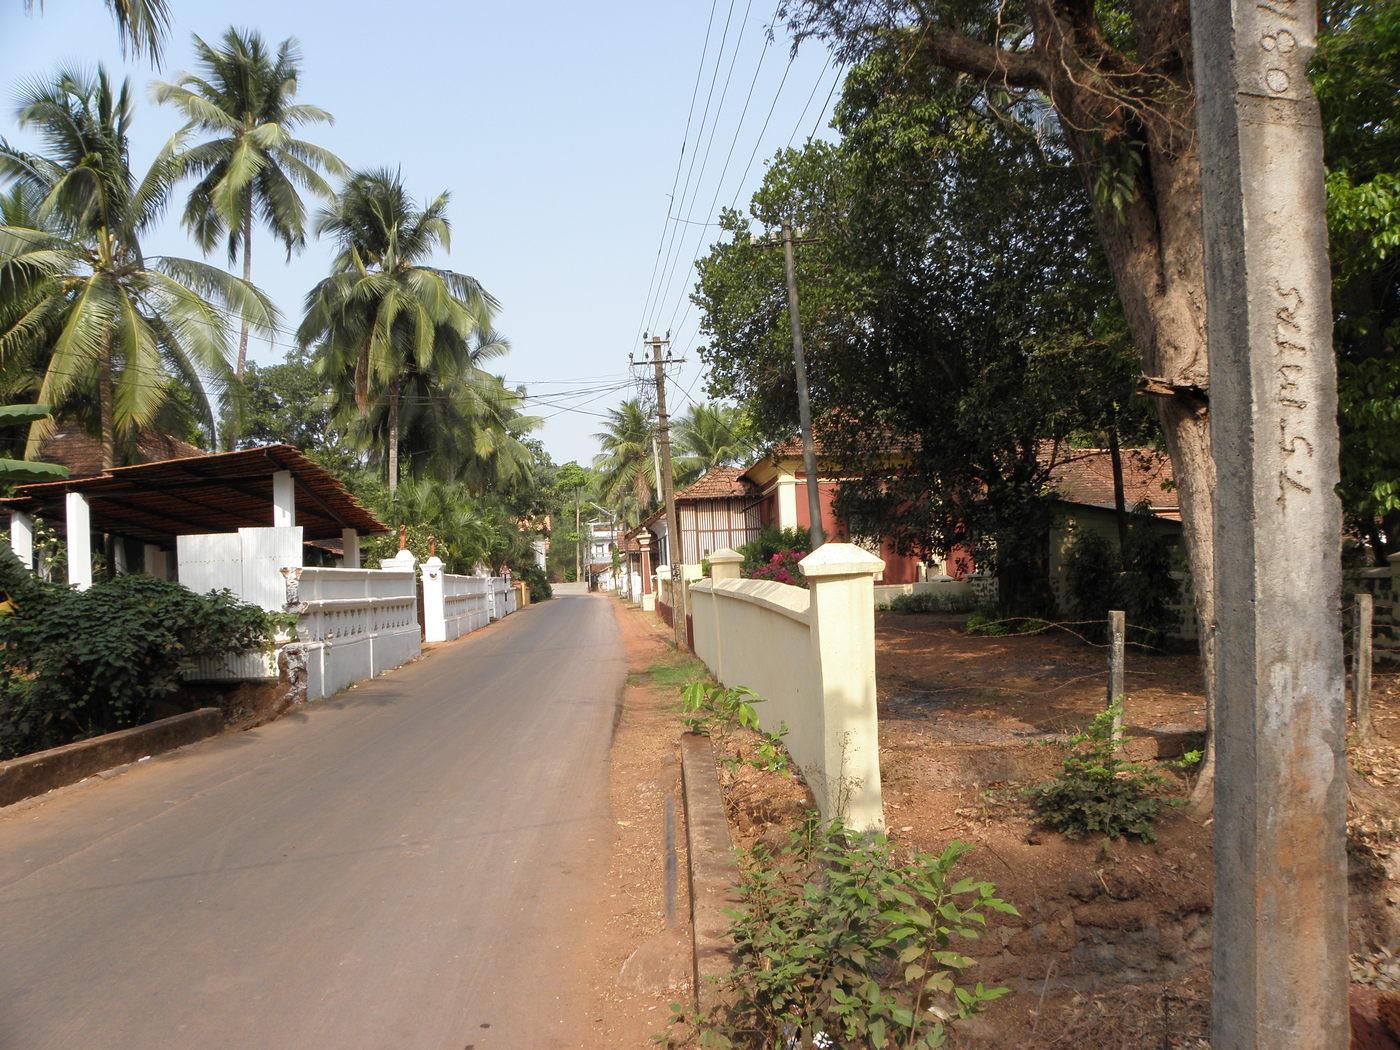 Neighborhood Walkabout